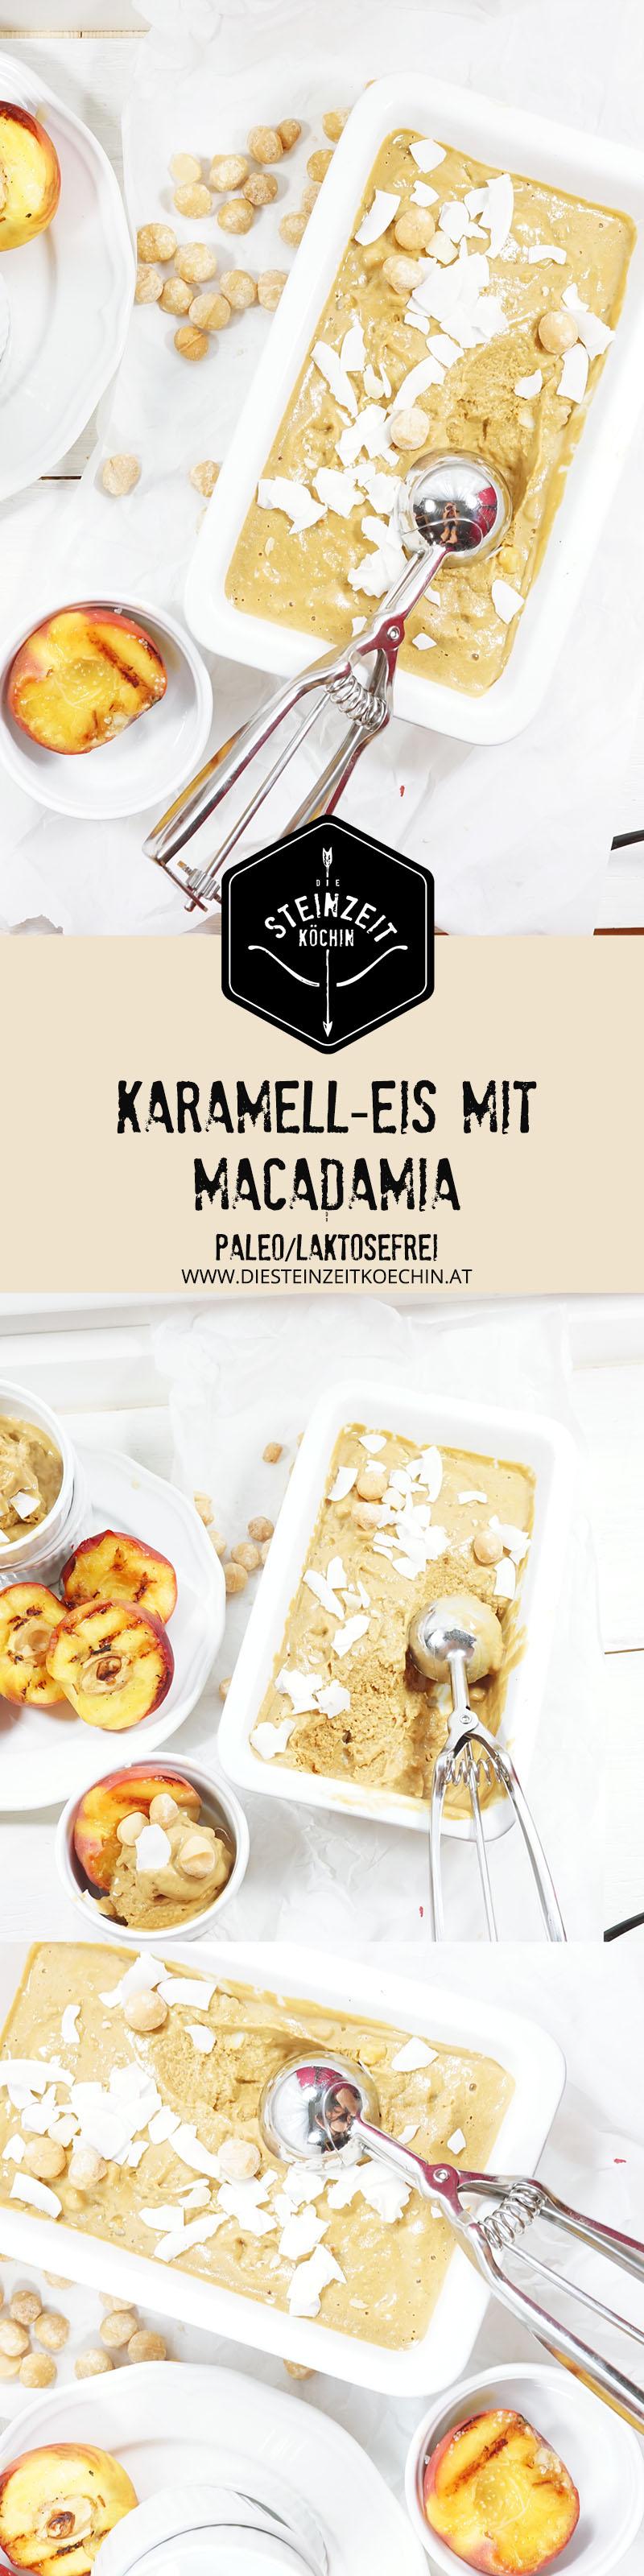 Karamell, Eis mit Macadamia nüssen und gegrillten Pfirsich, laktosefrei, mit Kokosmilch, zuckerfrei, mit Kokosblütenzucker, glutenfrei, paleo, Dessert, Eiscreme